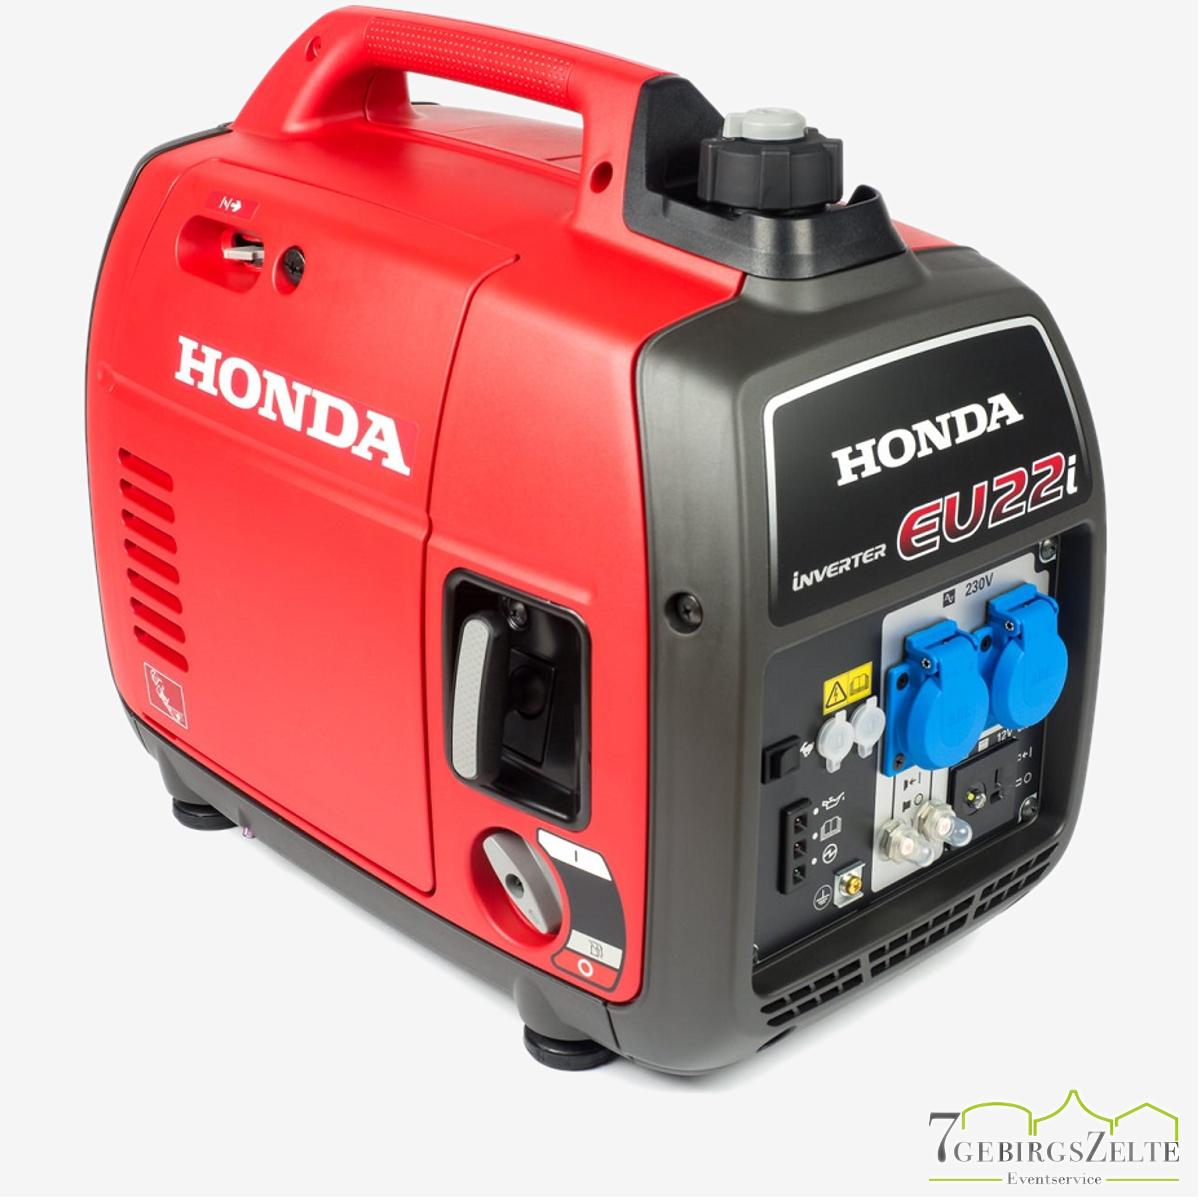 Honda eu 20i Inverter Stromerzeuger 2000 Watt